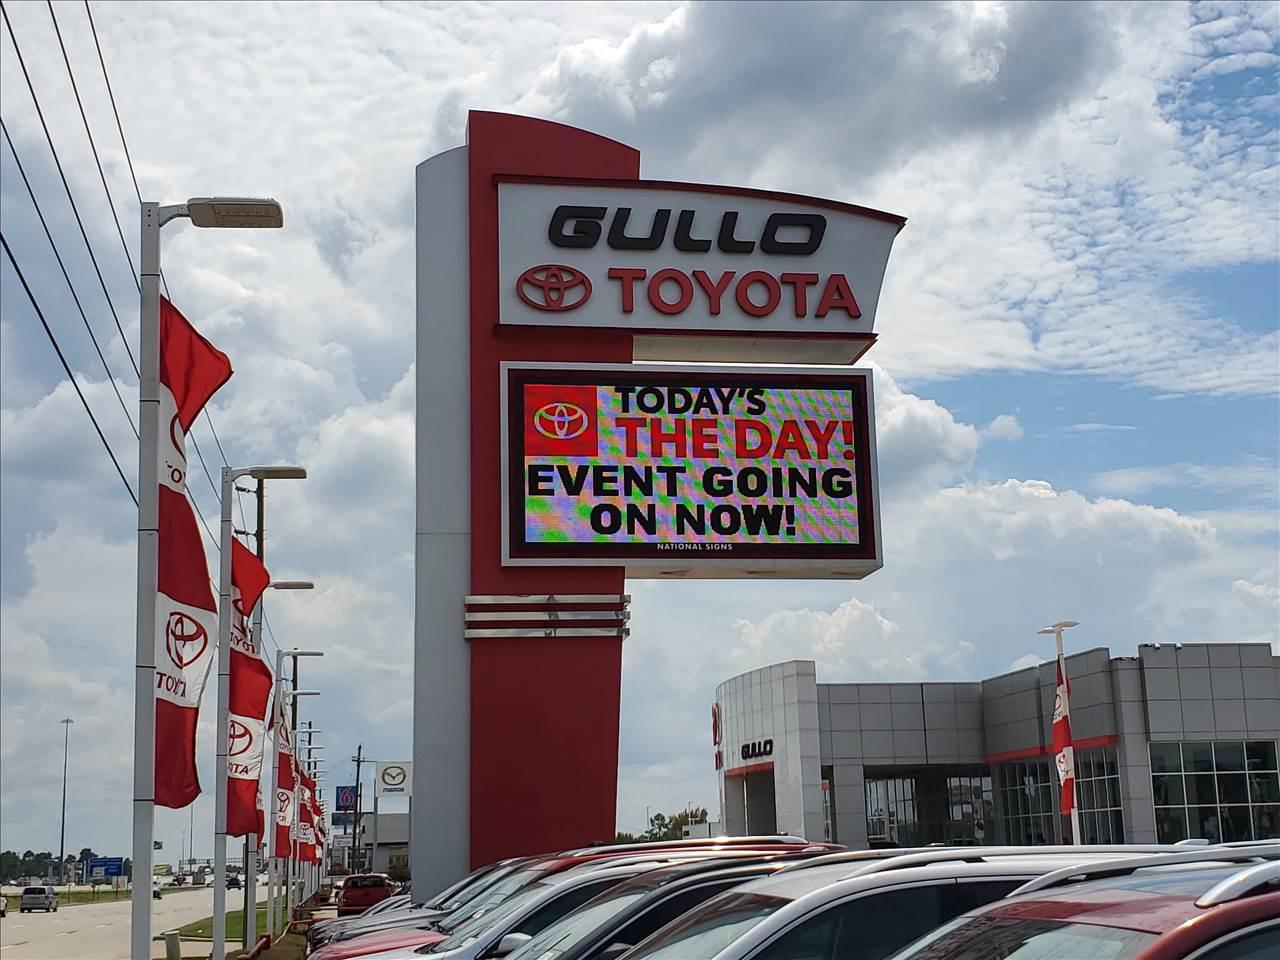 gullo toyota mazda collision center in conroe tx 77304 auto body shops carwise com gullo toyota mazda collision center